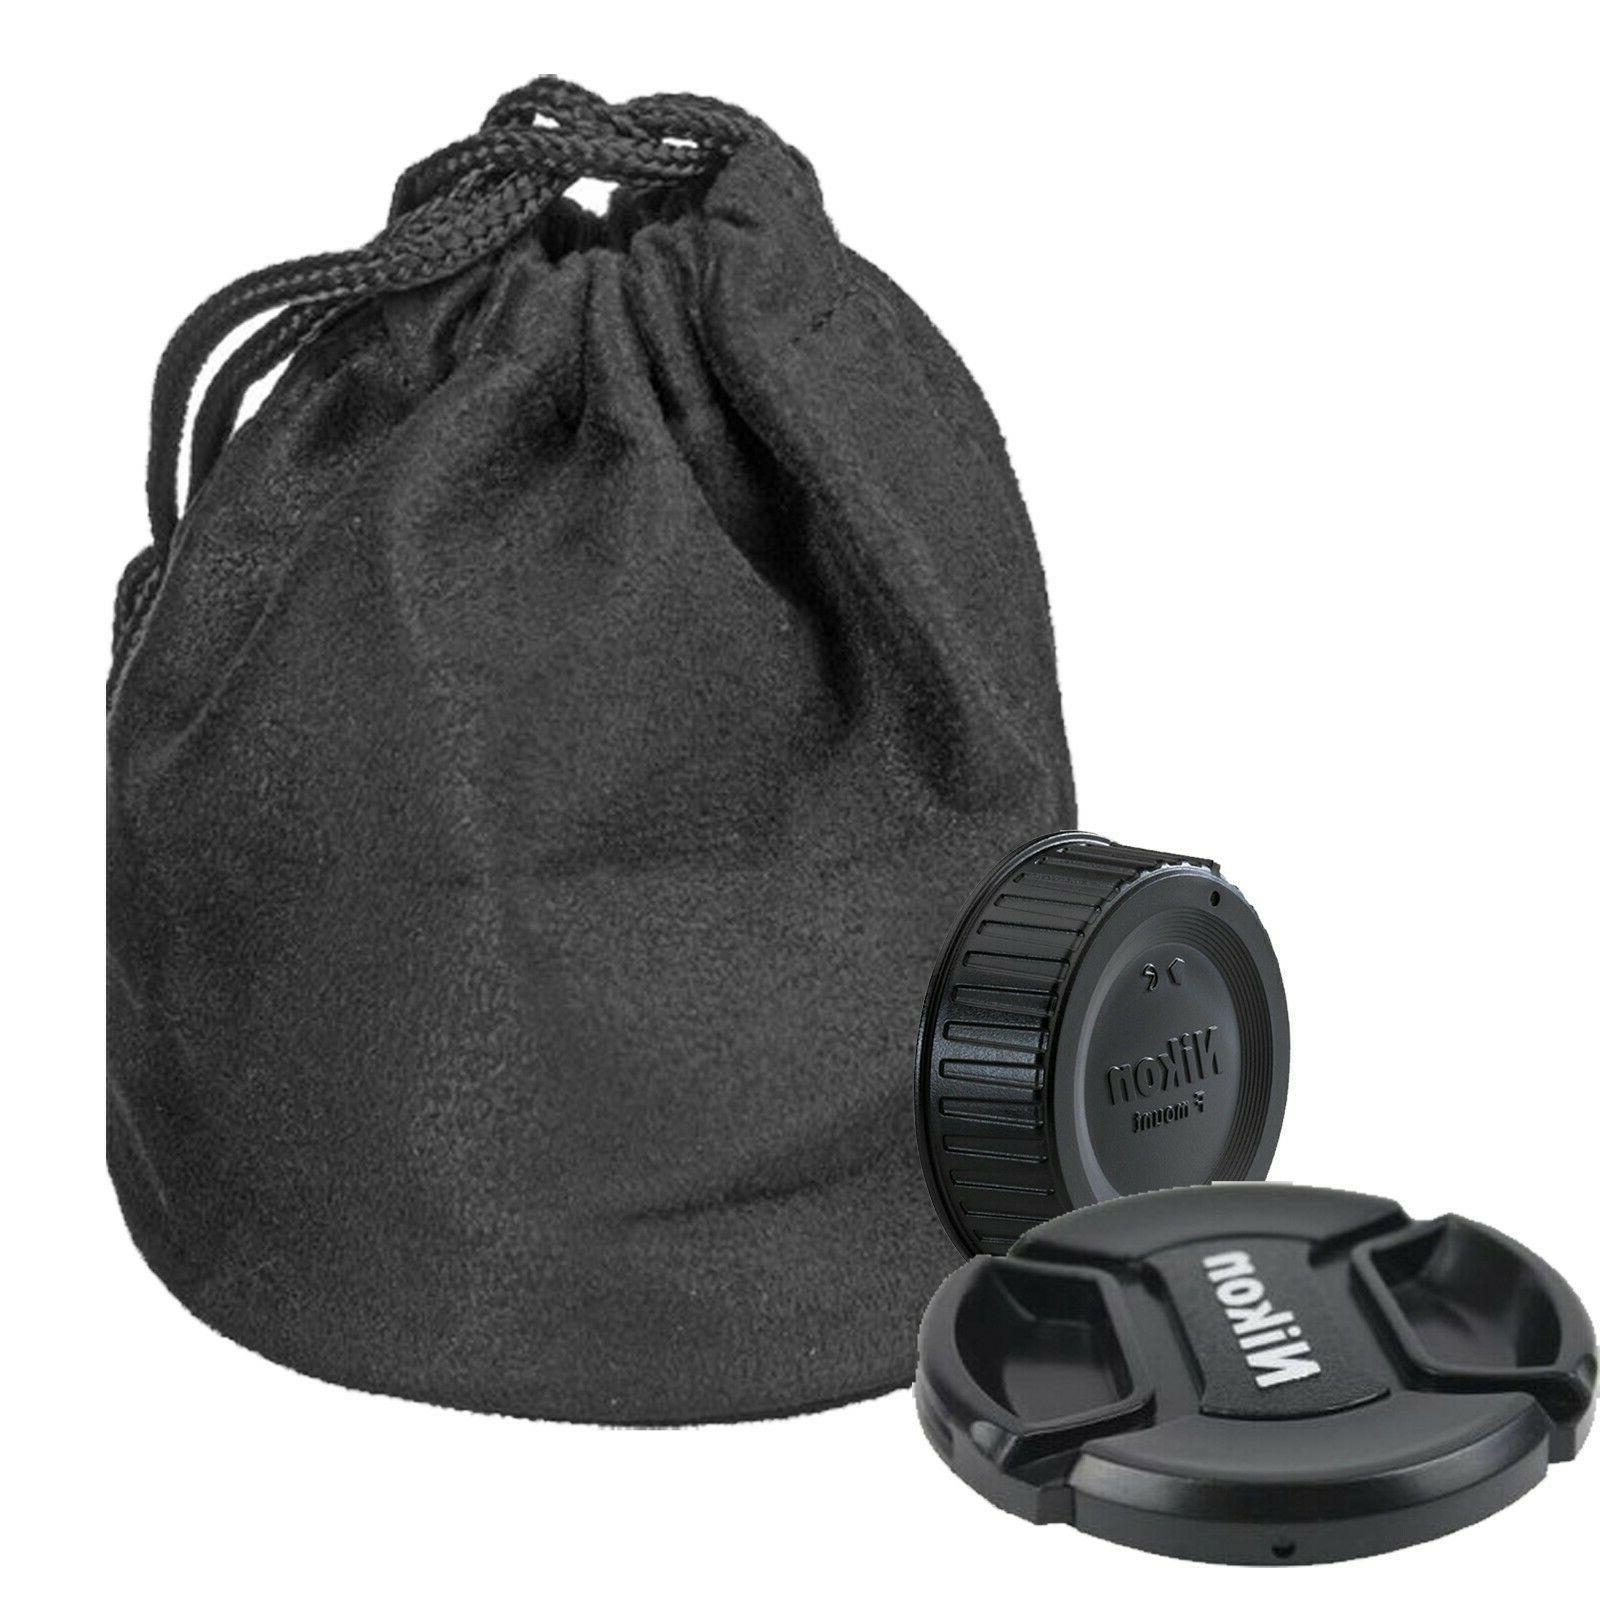 Nikon 50mm f/1.8G AF-S NIKKOR Digital SLR Cameras